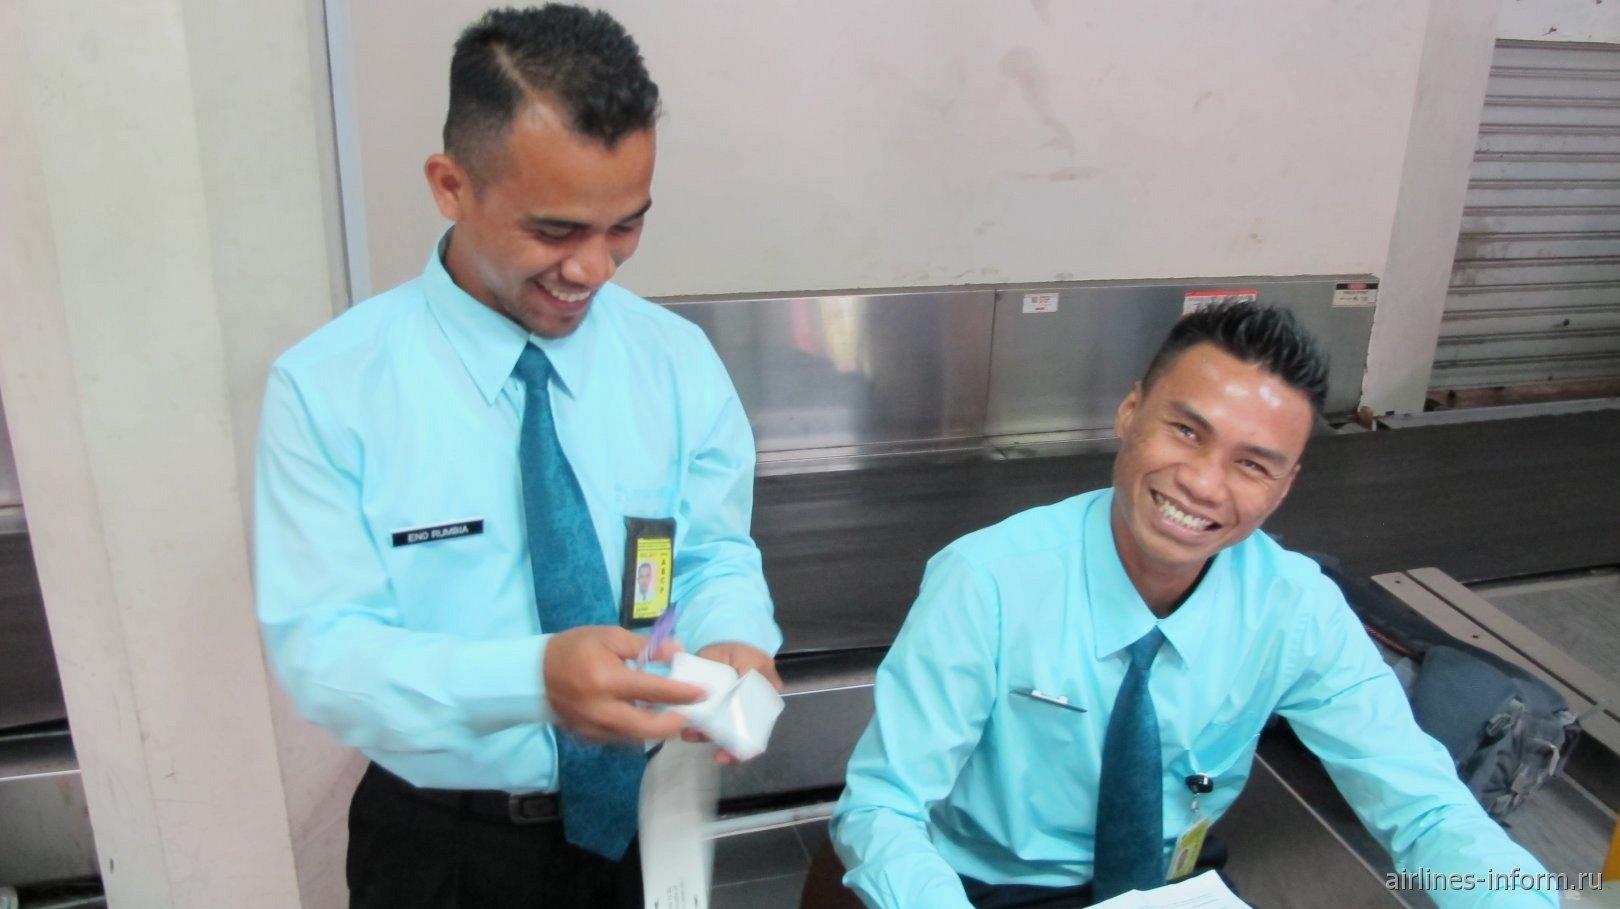 Сотрудники на стойке регистрации аэропорта Паттимура